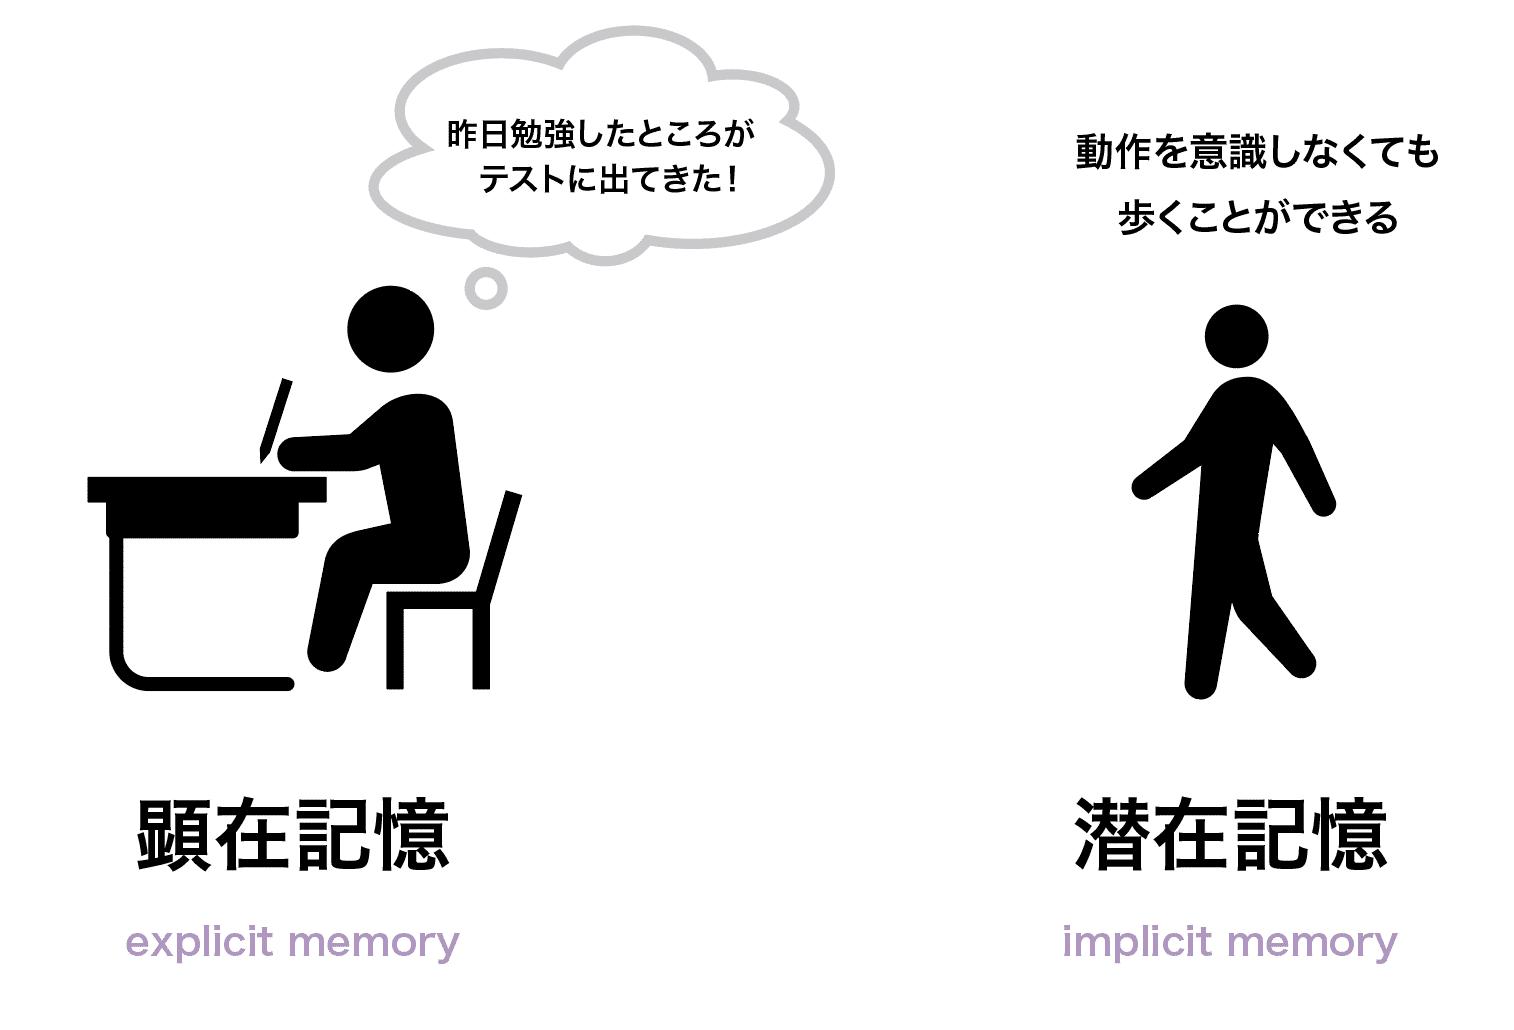 顕在記憶 | UX TIMES